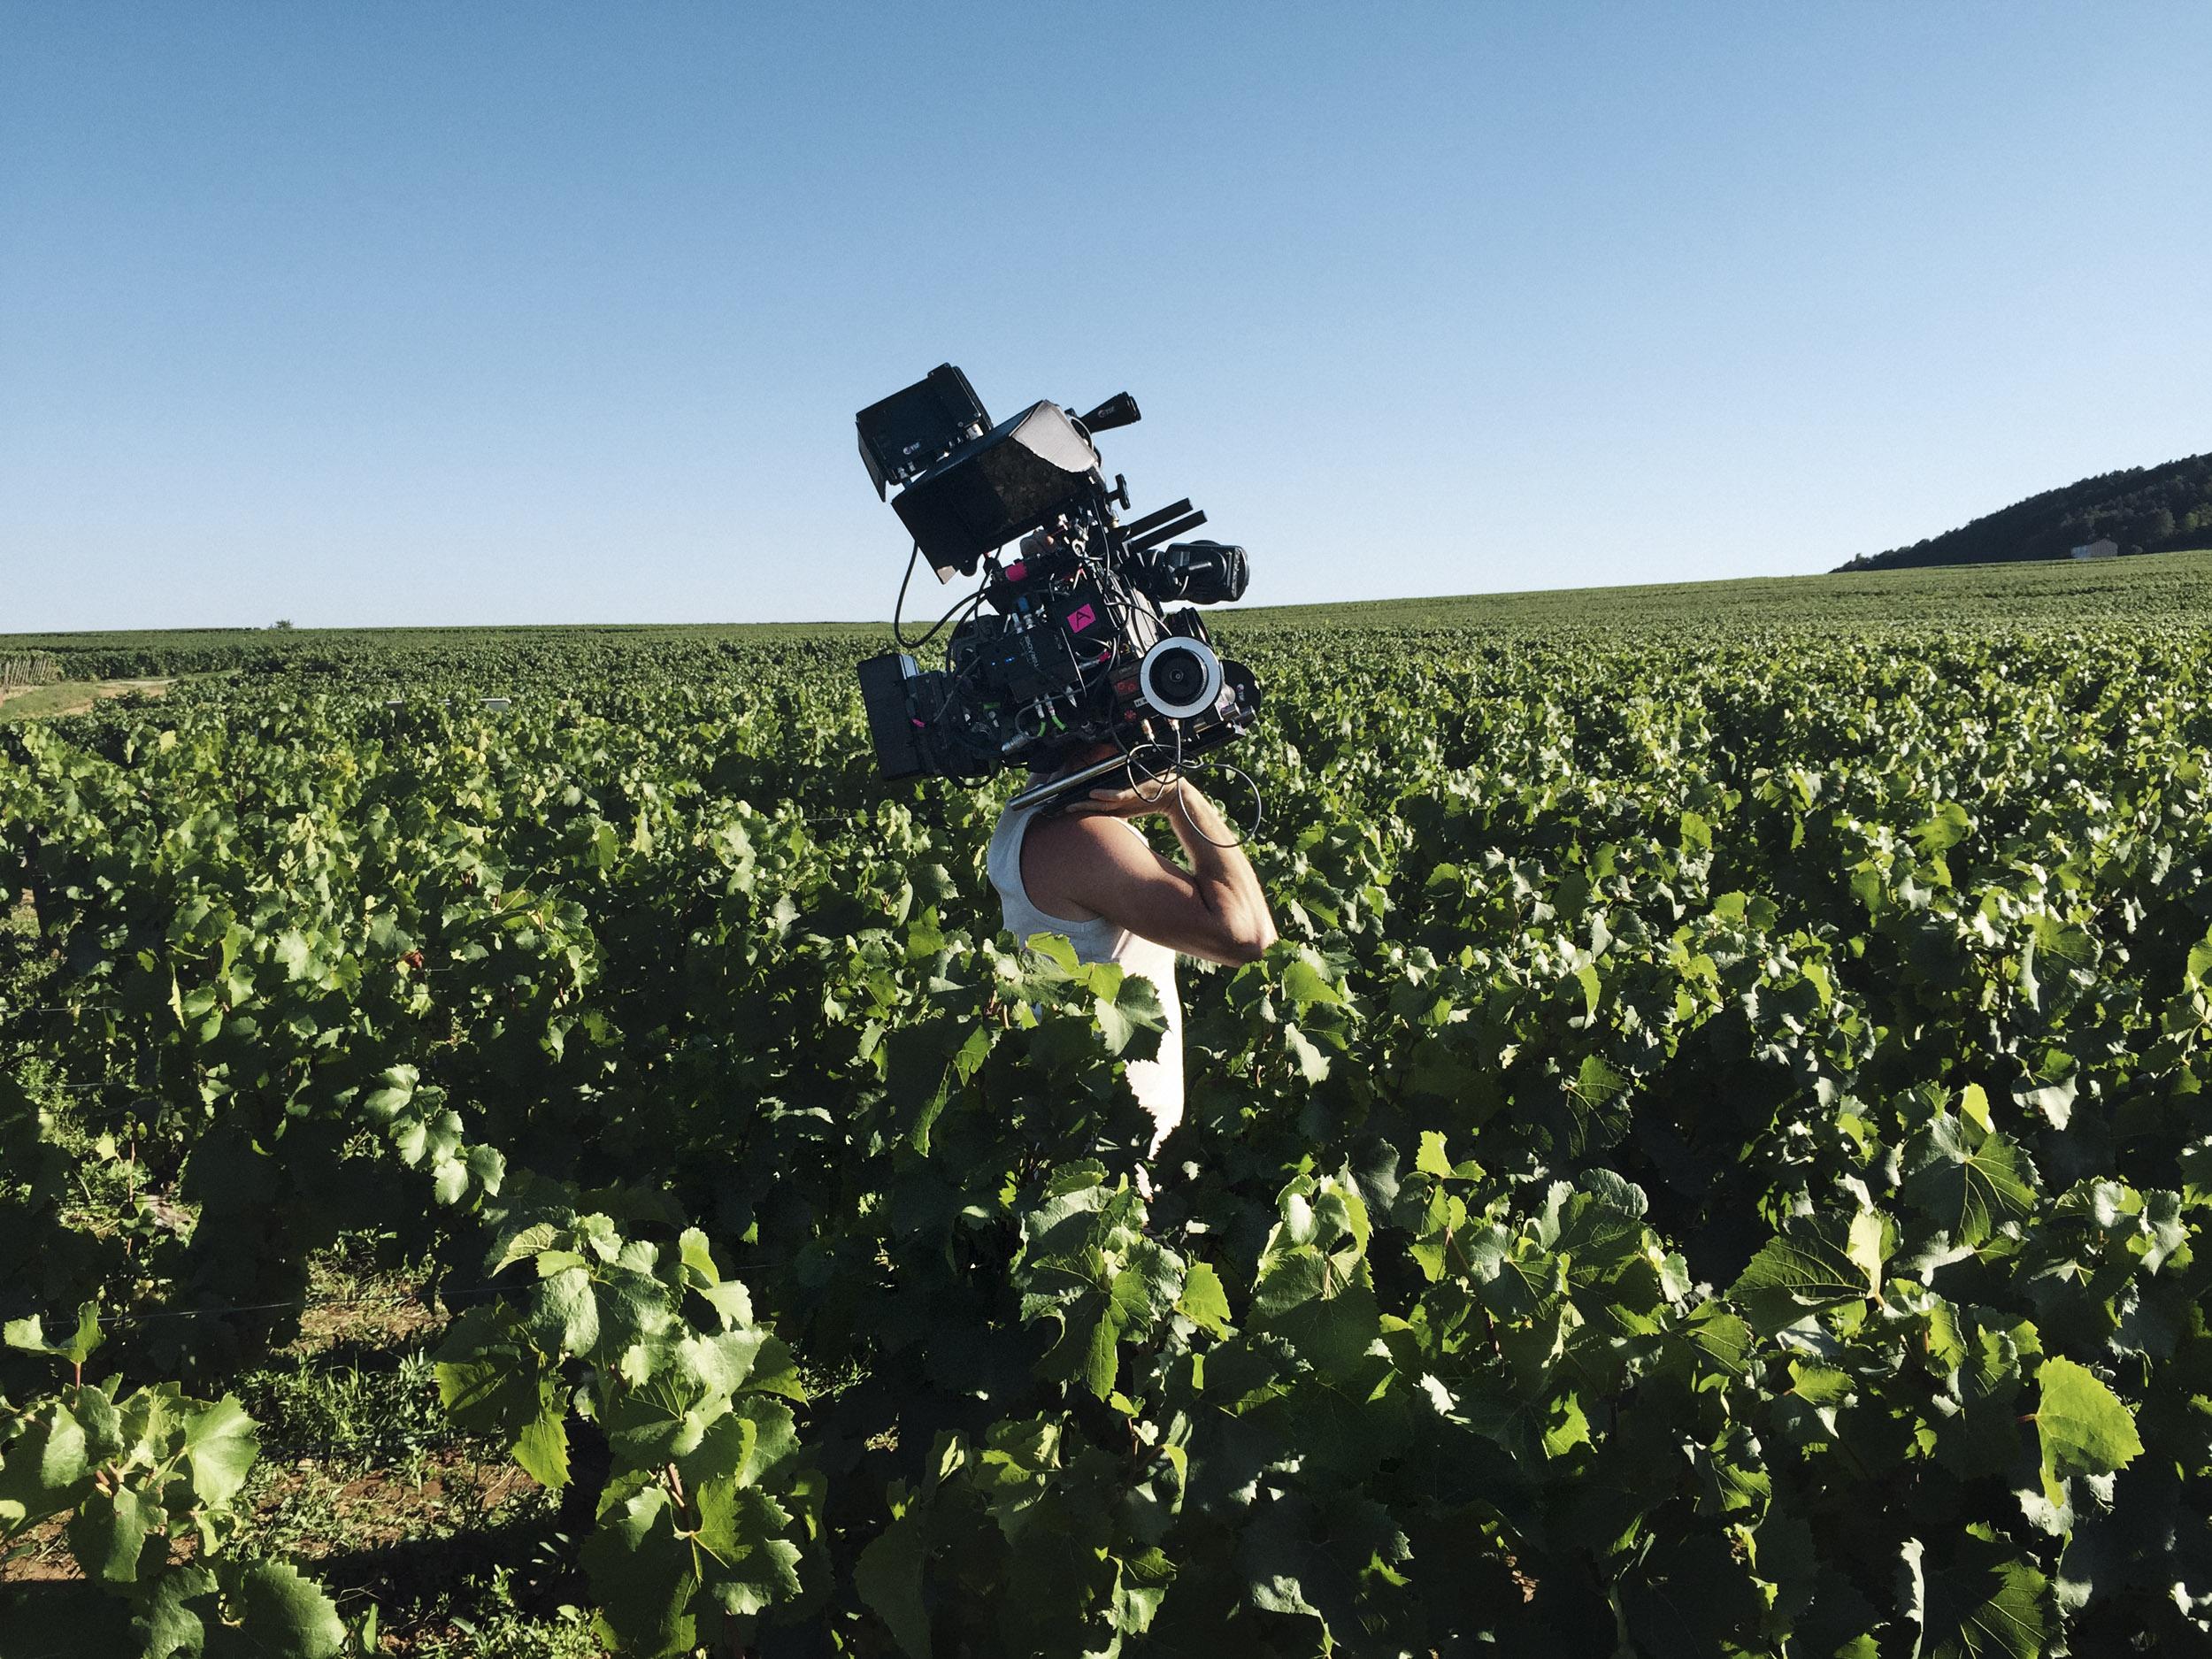 <p><span>L'Homme caméra</span>, .<br></p>